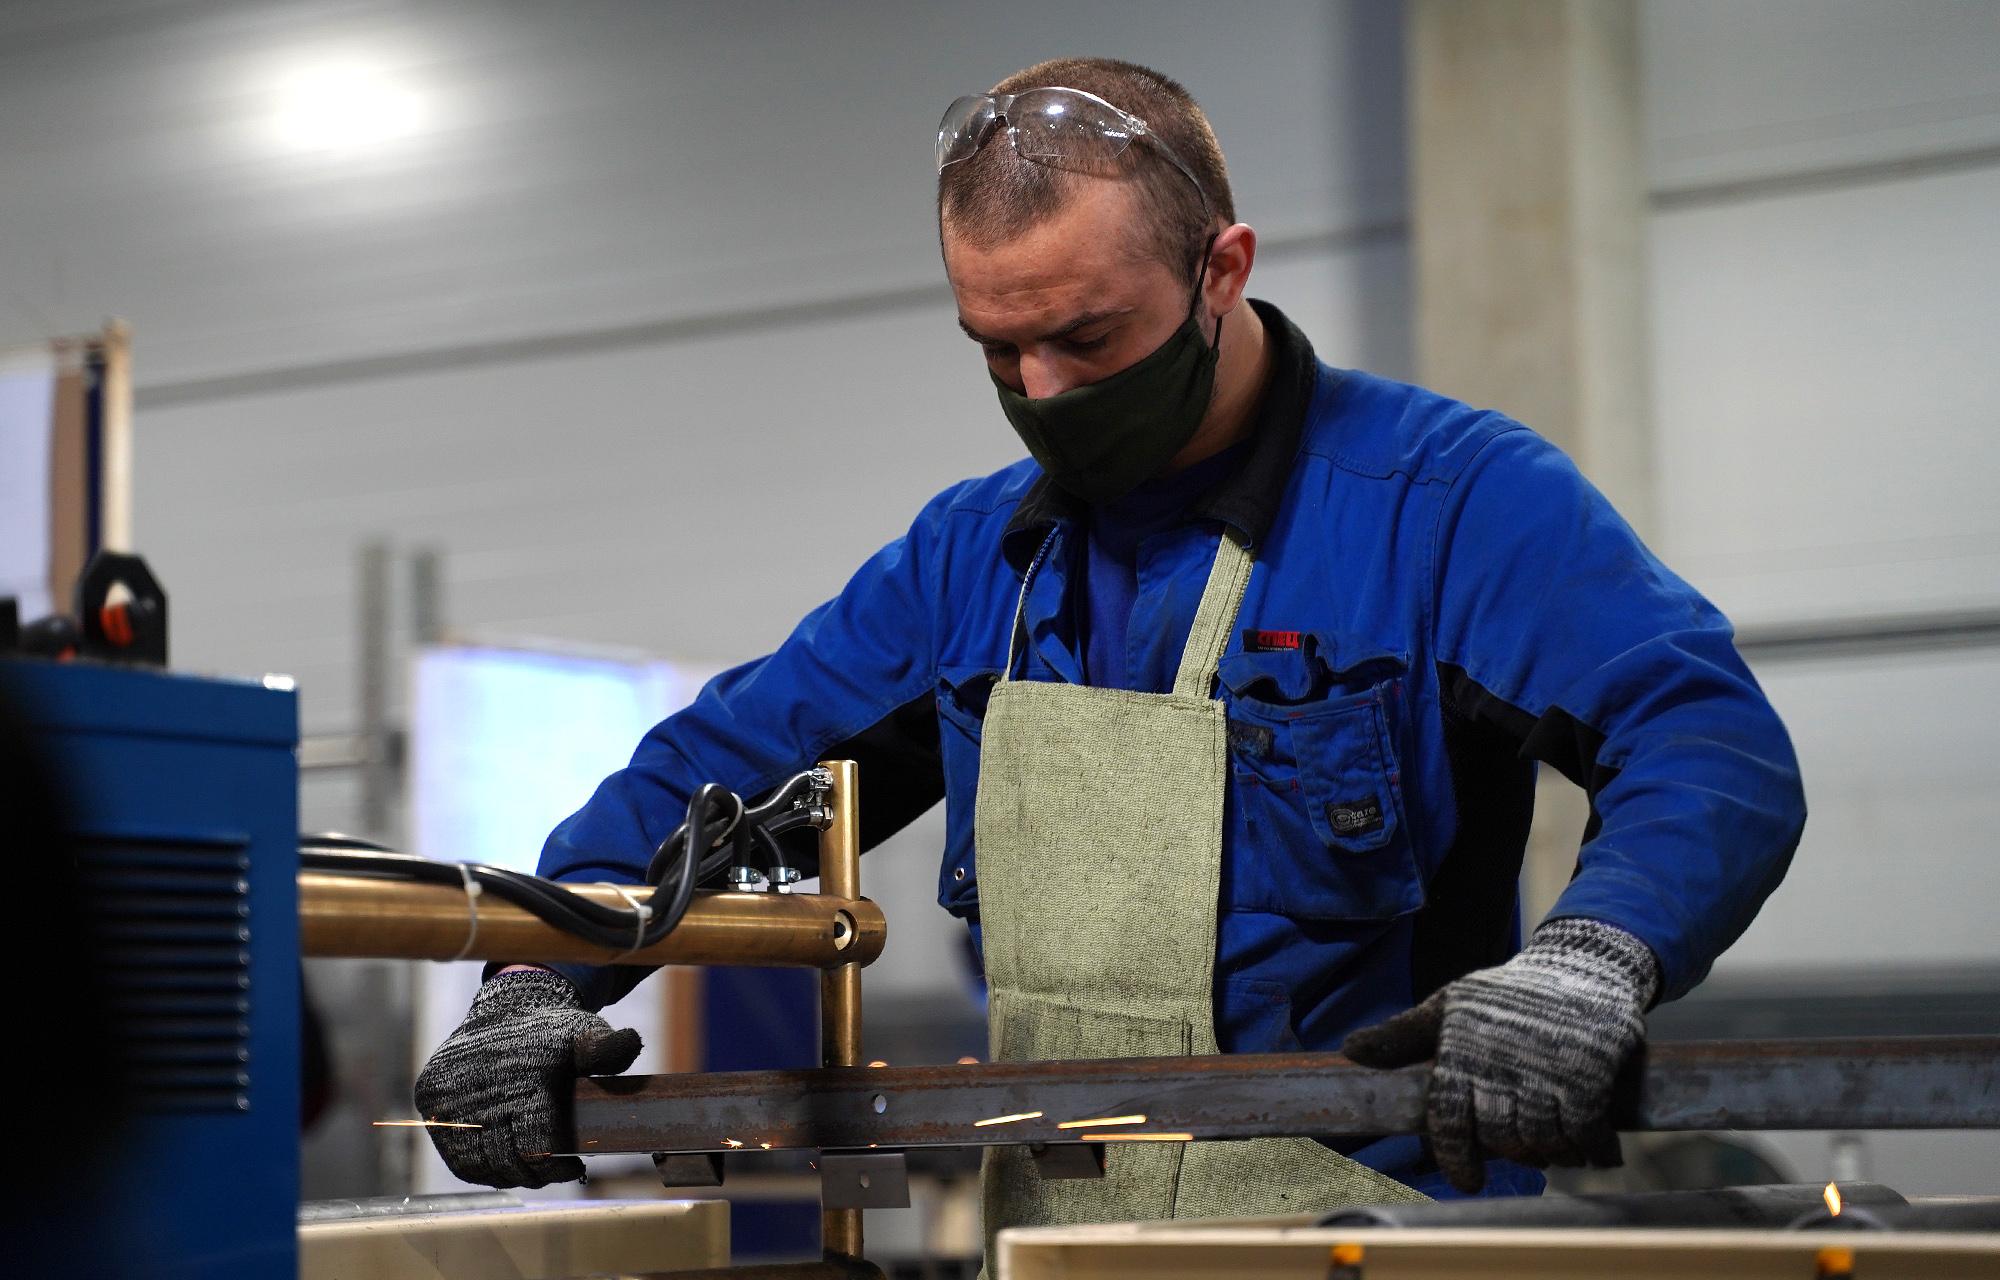 В парке «Боровлёво-3» в Твери будет создано больше 2700 рабочих мест